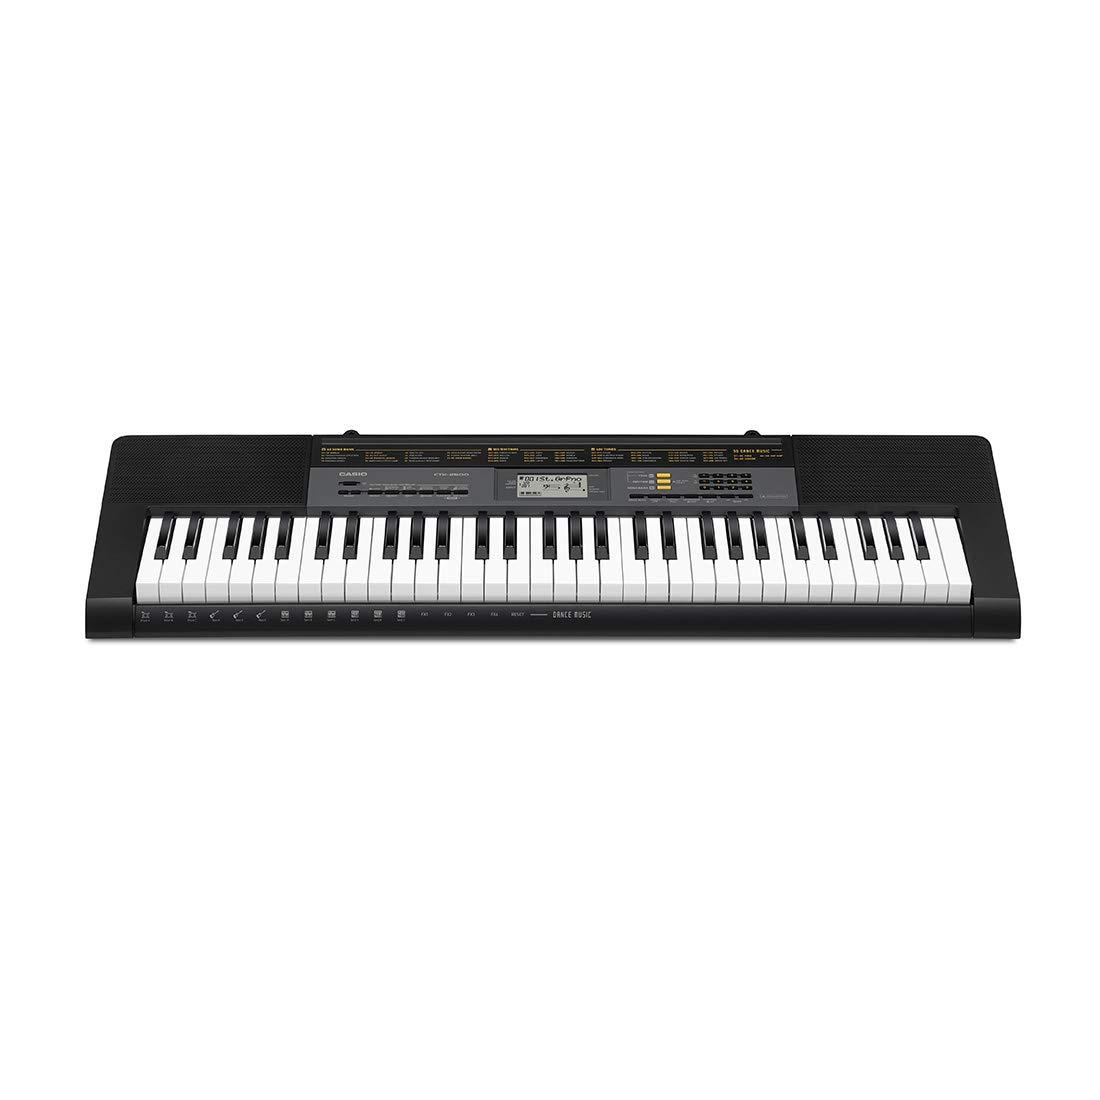 CASIO CTK-2500 - Instrumento musical, Teclado estándar con 61 teclas estilo piano product